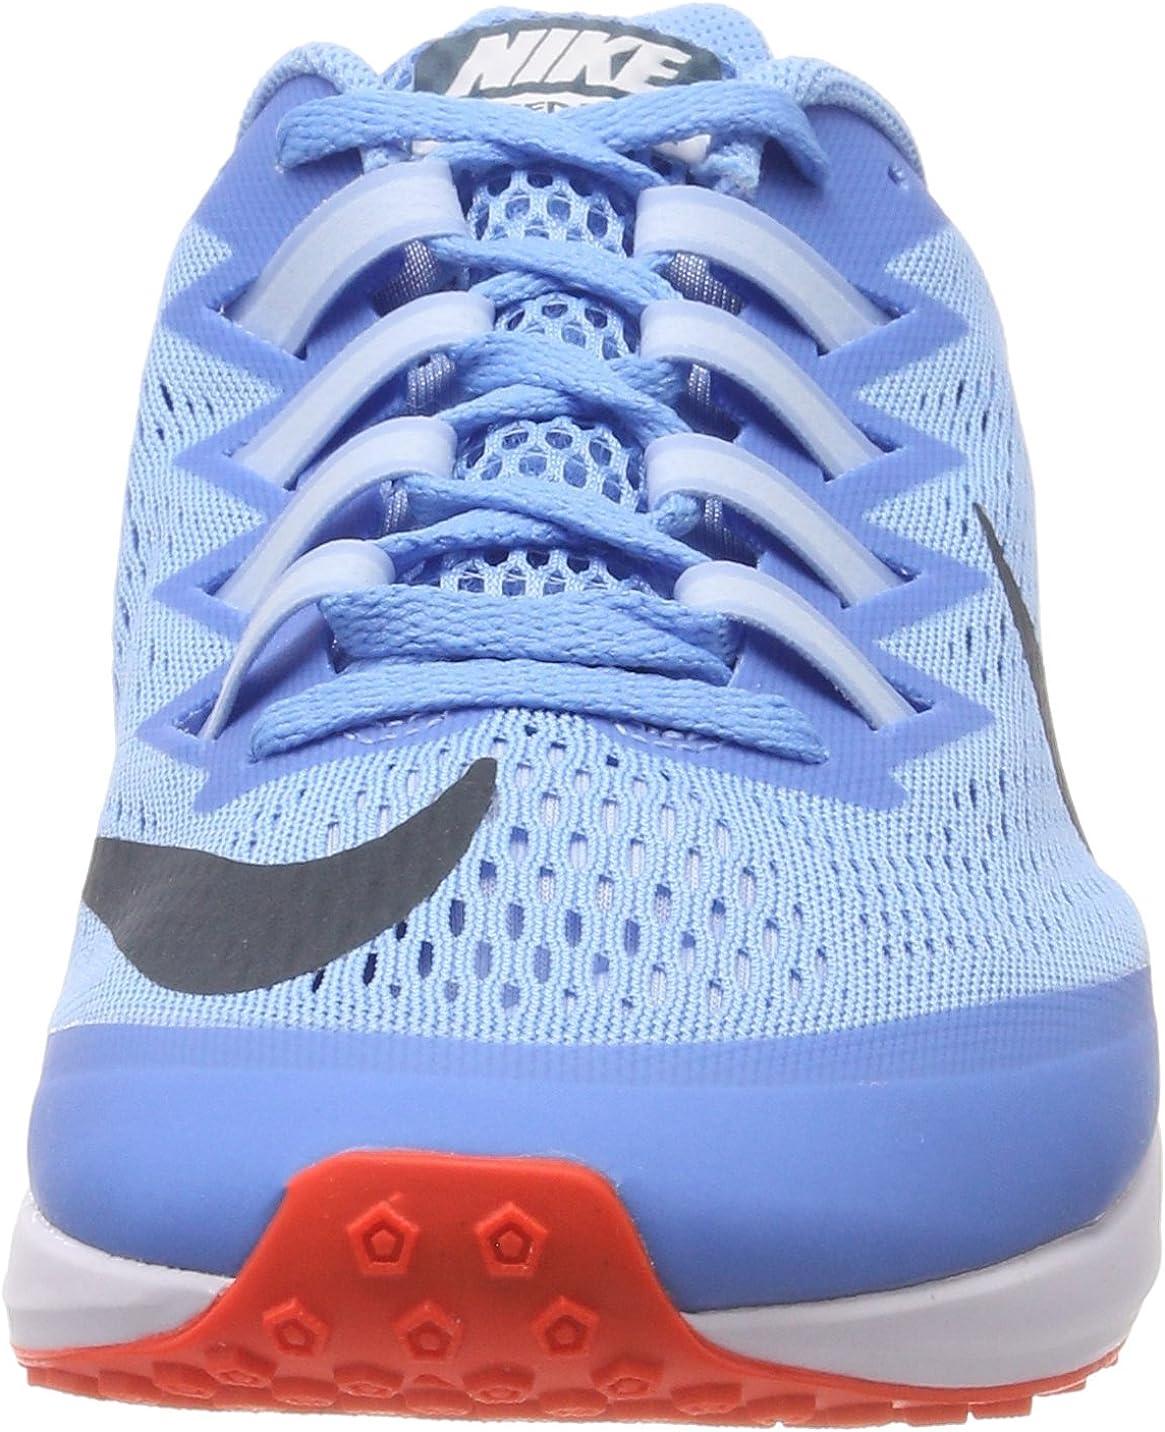 NIKE Air Zoom Speed Rival 6, Zapatillas de Running para Mujer: Amazon.es: Zapatos y complementos